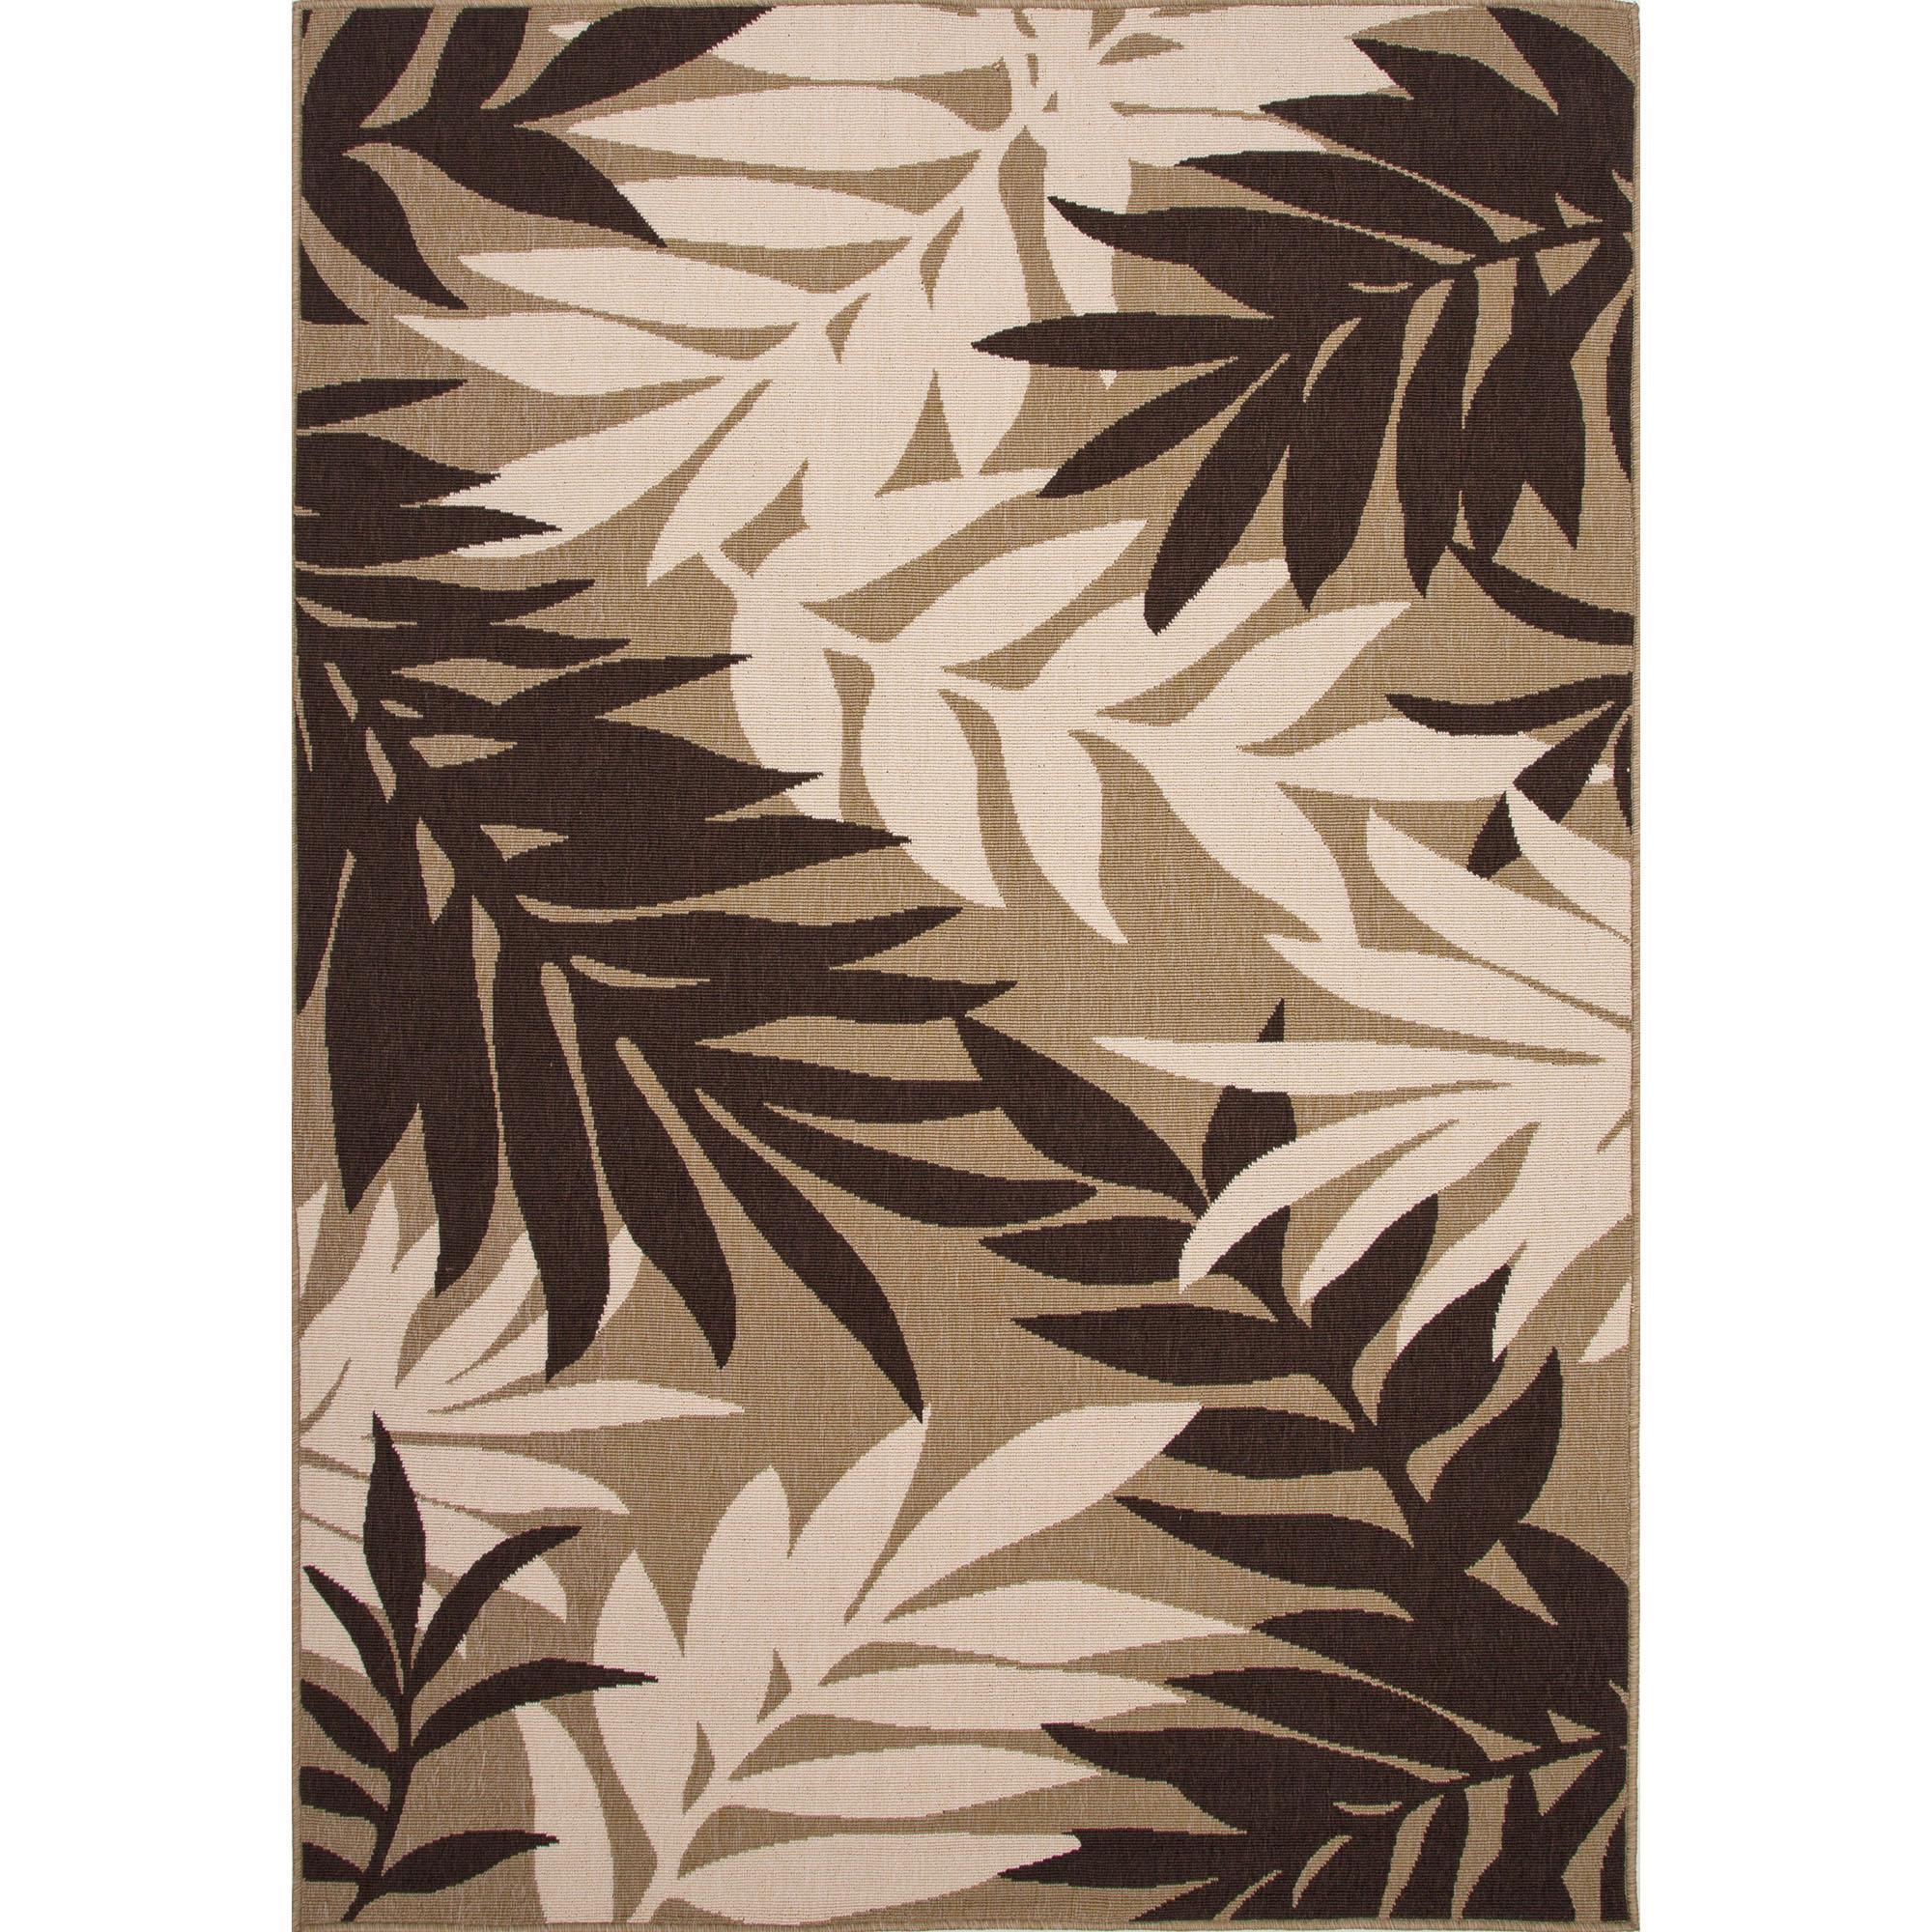 JAIPUR Rugs Bloom 4 x 5.3 Rug - Item Number: RUG121674